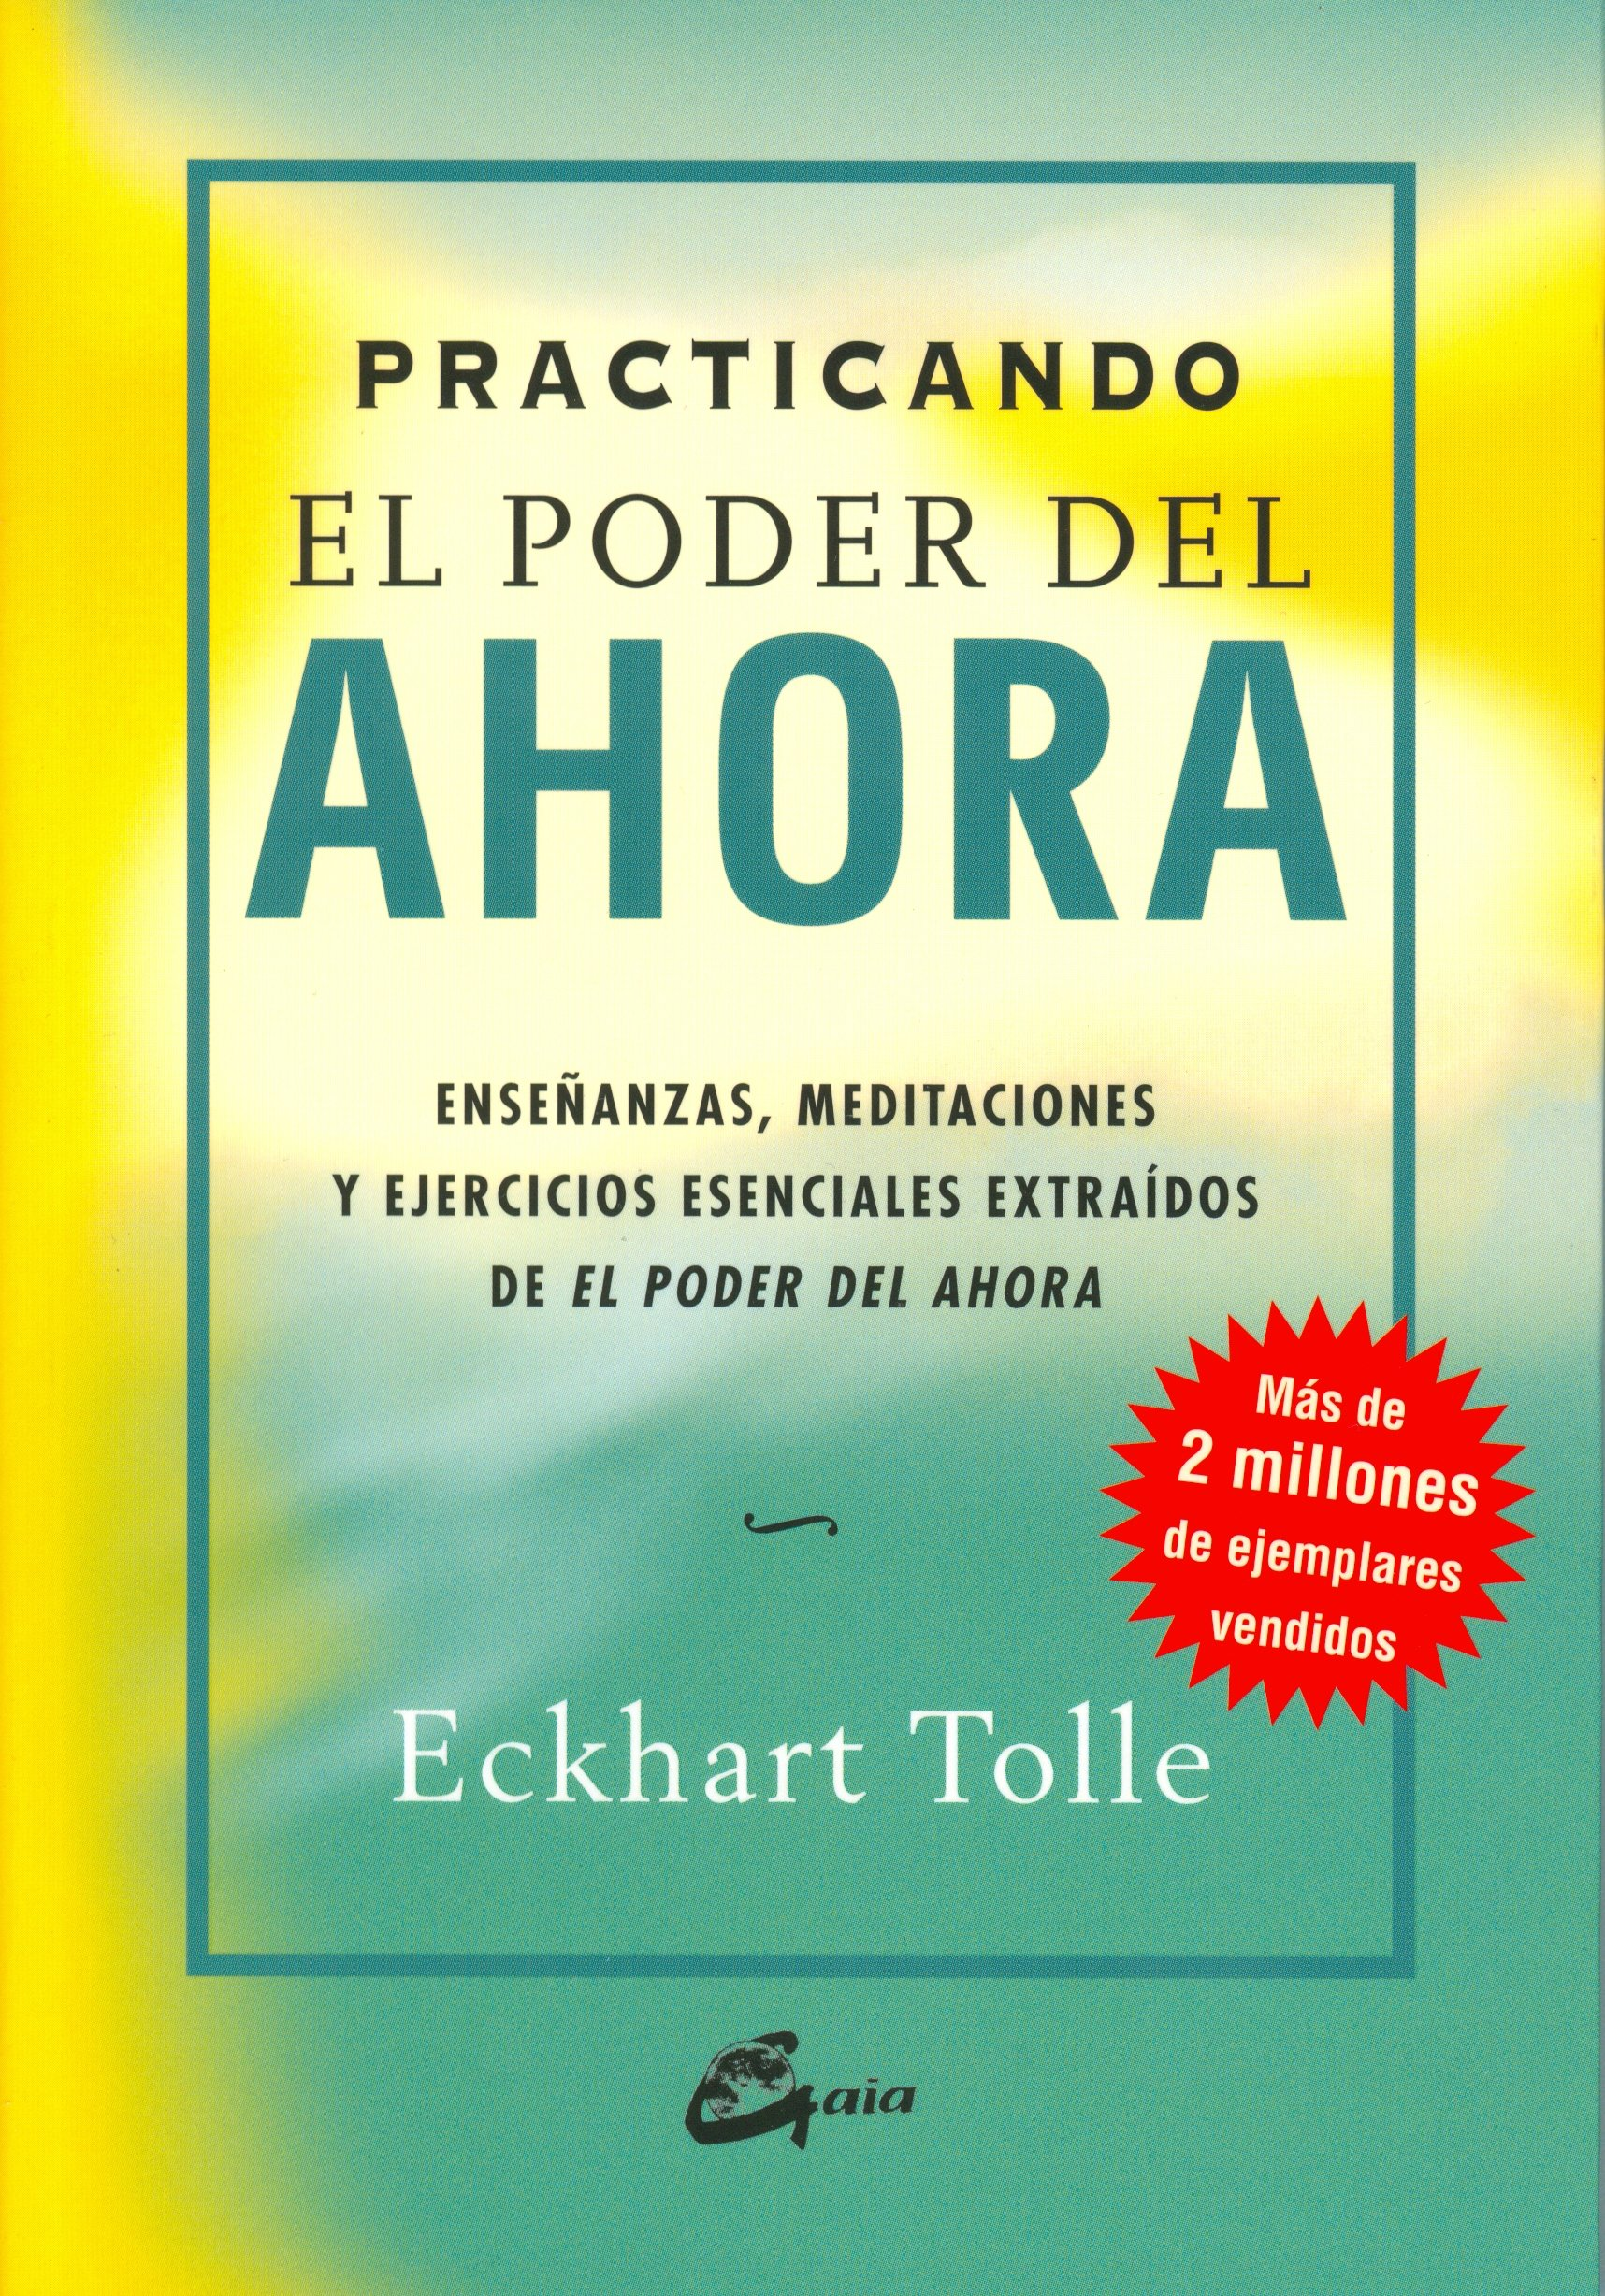 Practicando el poder del ahora: enseñanzas, meditaciones y ejercicios  esenciales extraídos de el pod Perenne: Amazon.es: Eckhart Tolle, Miguel  Iribarren ...